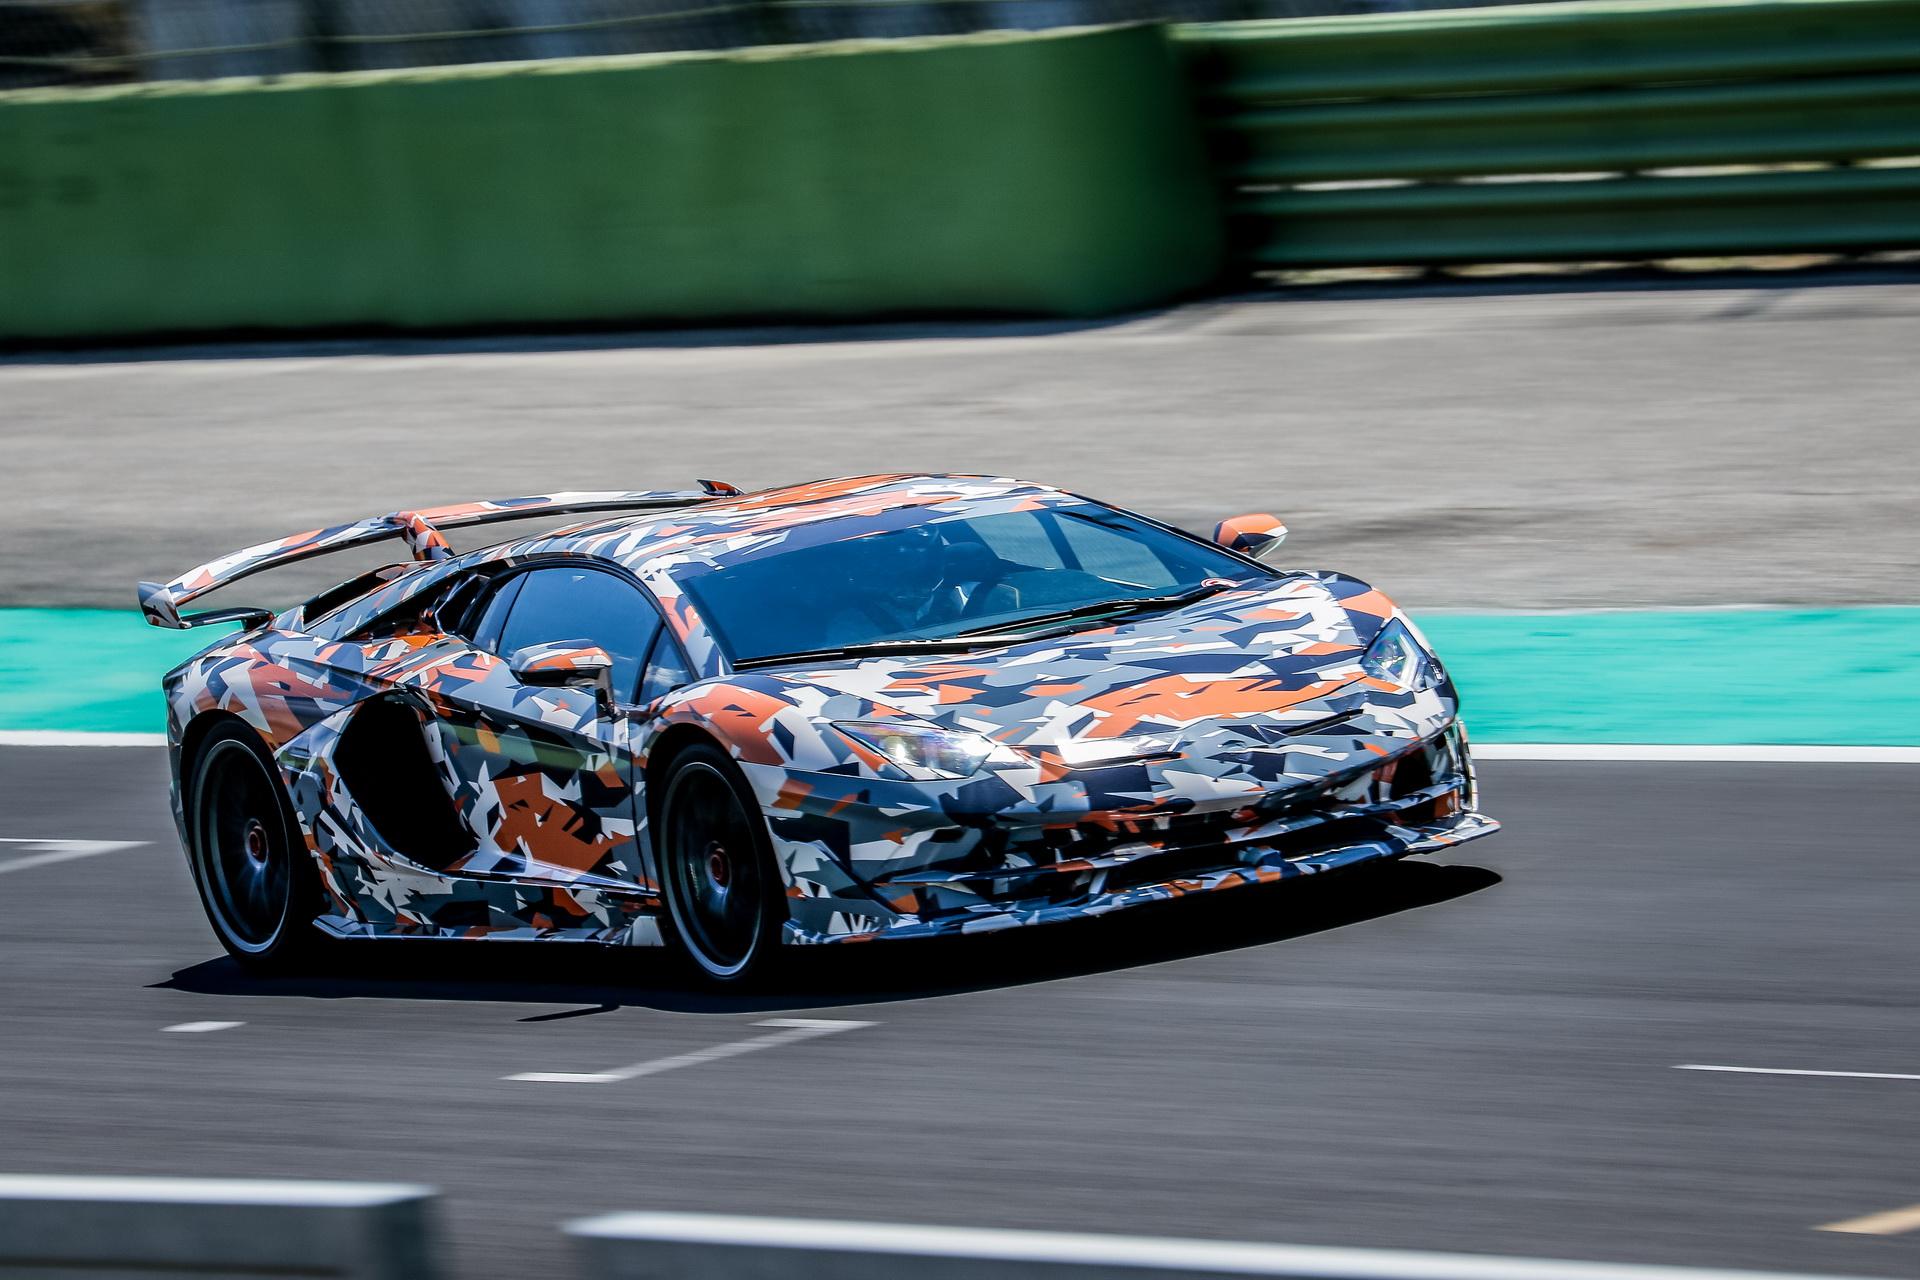 Lamborghini_Aventador_SVJ_0010